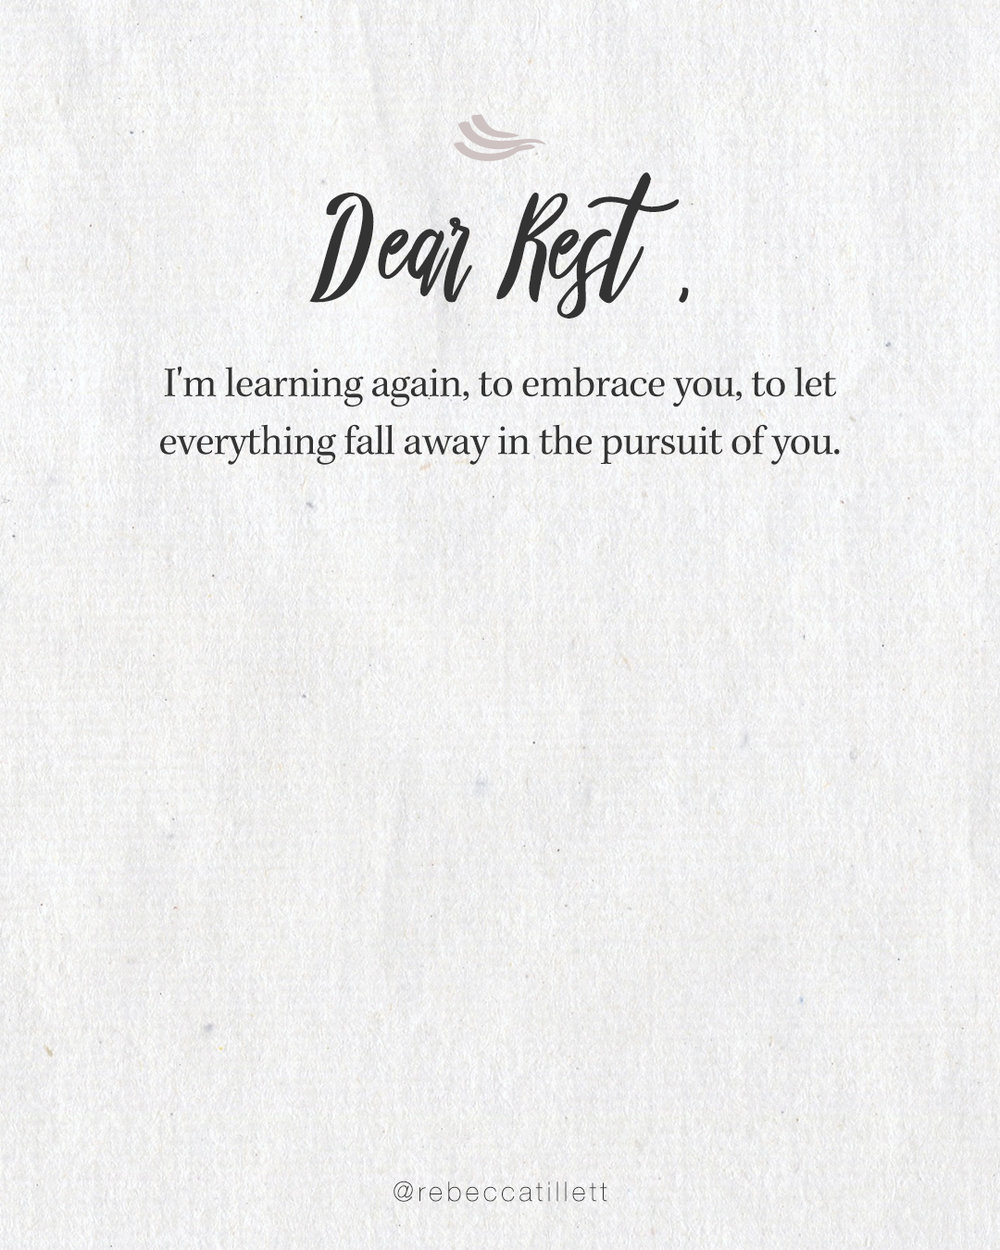 Dear Rest